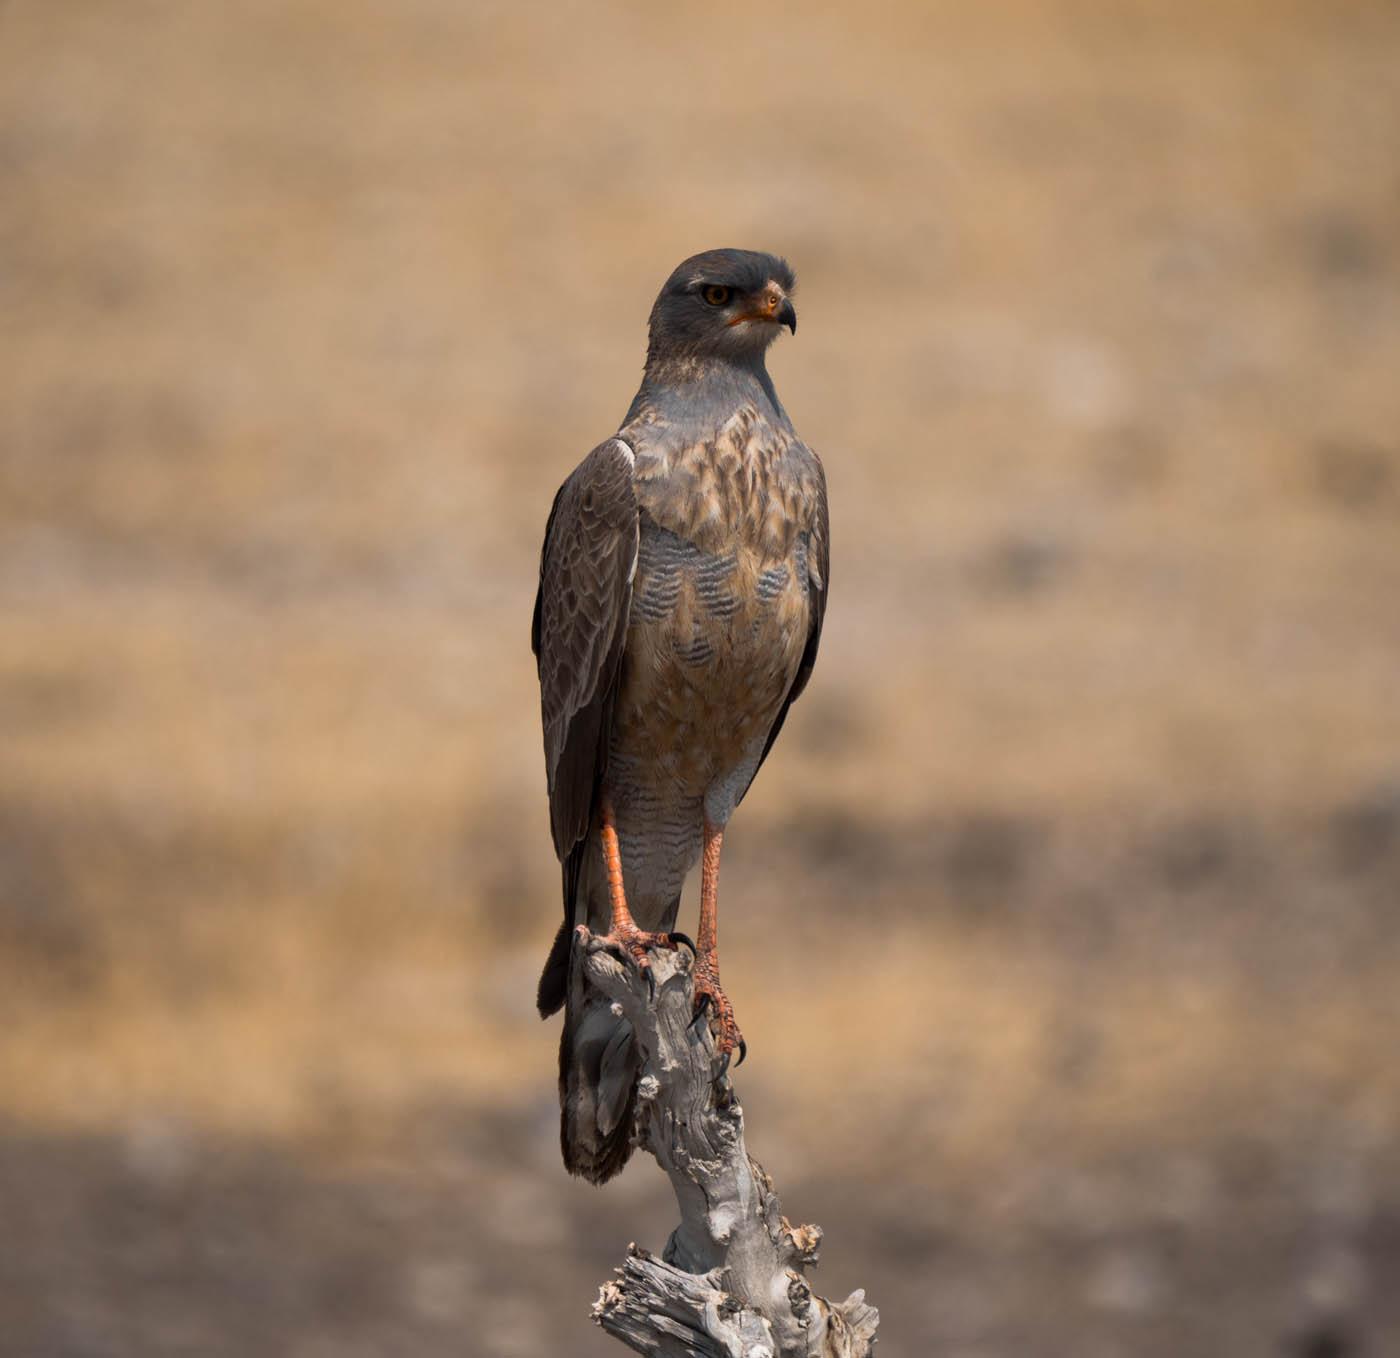 Pale Chanding Goshawk, Etosha Park, Namibia